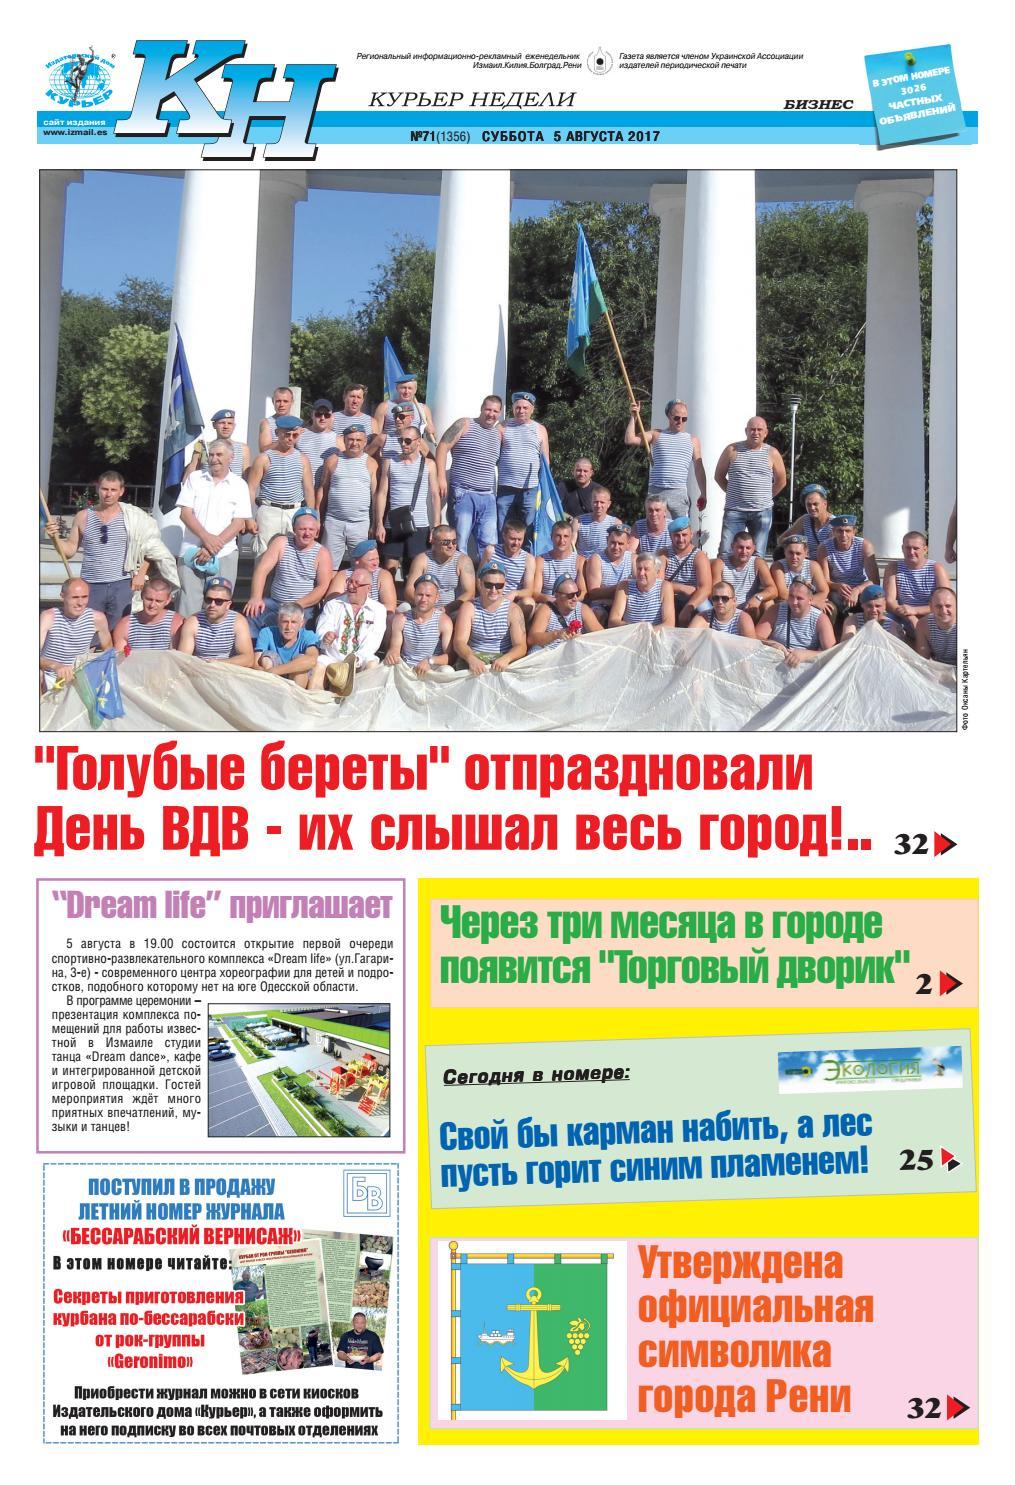 Восстановление срока наследования Бобровский переулок юрист по жилищным делам Береговой переулок